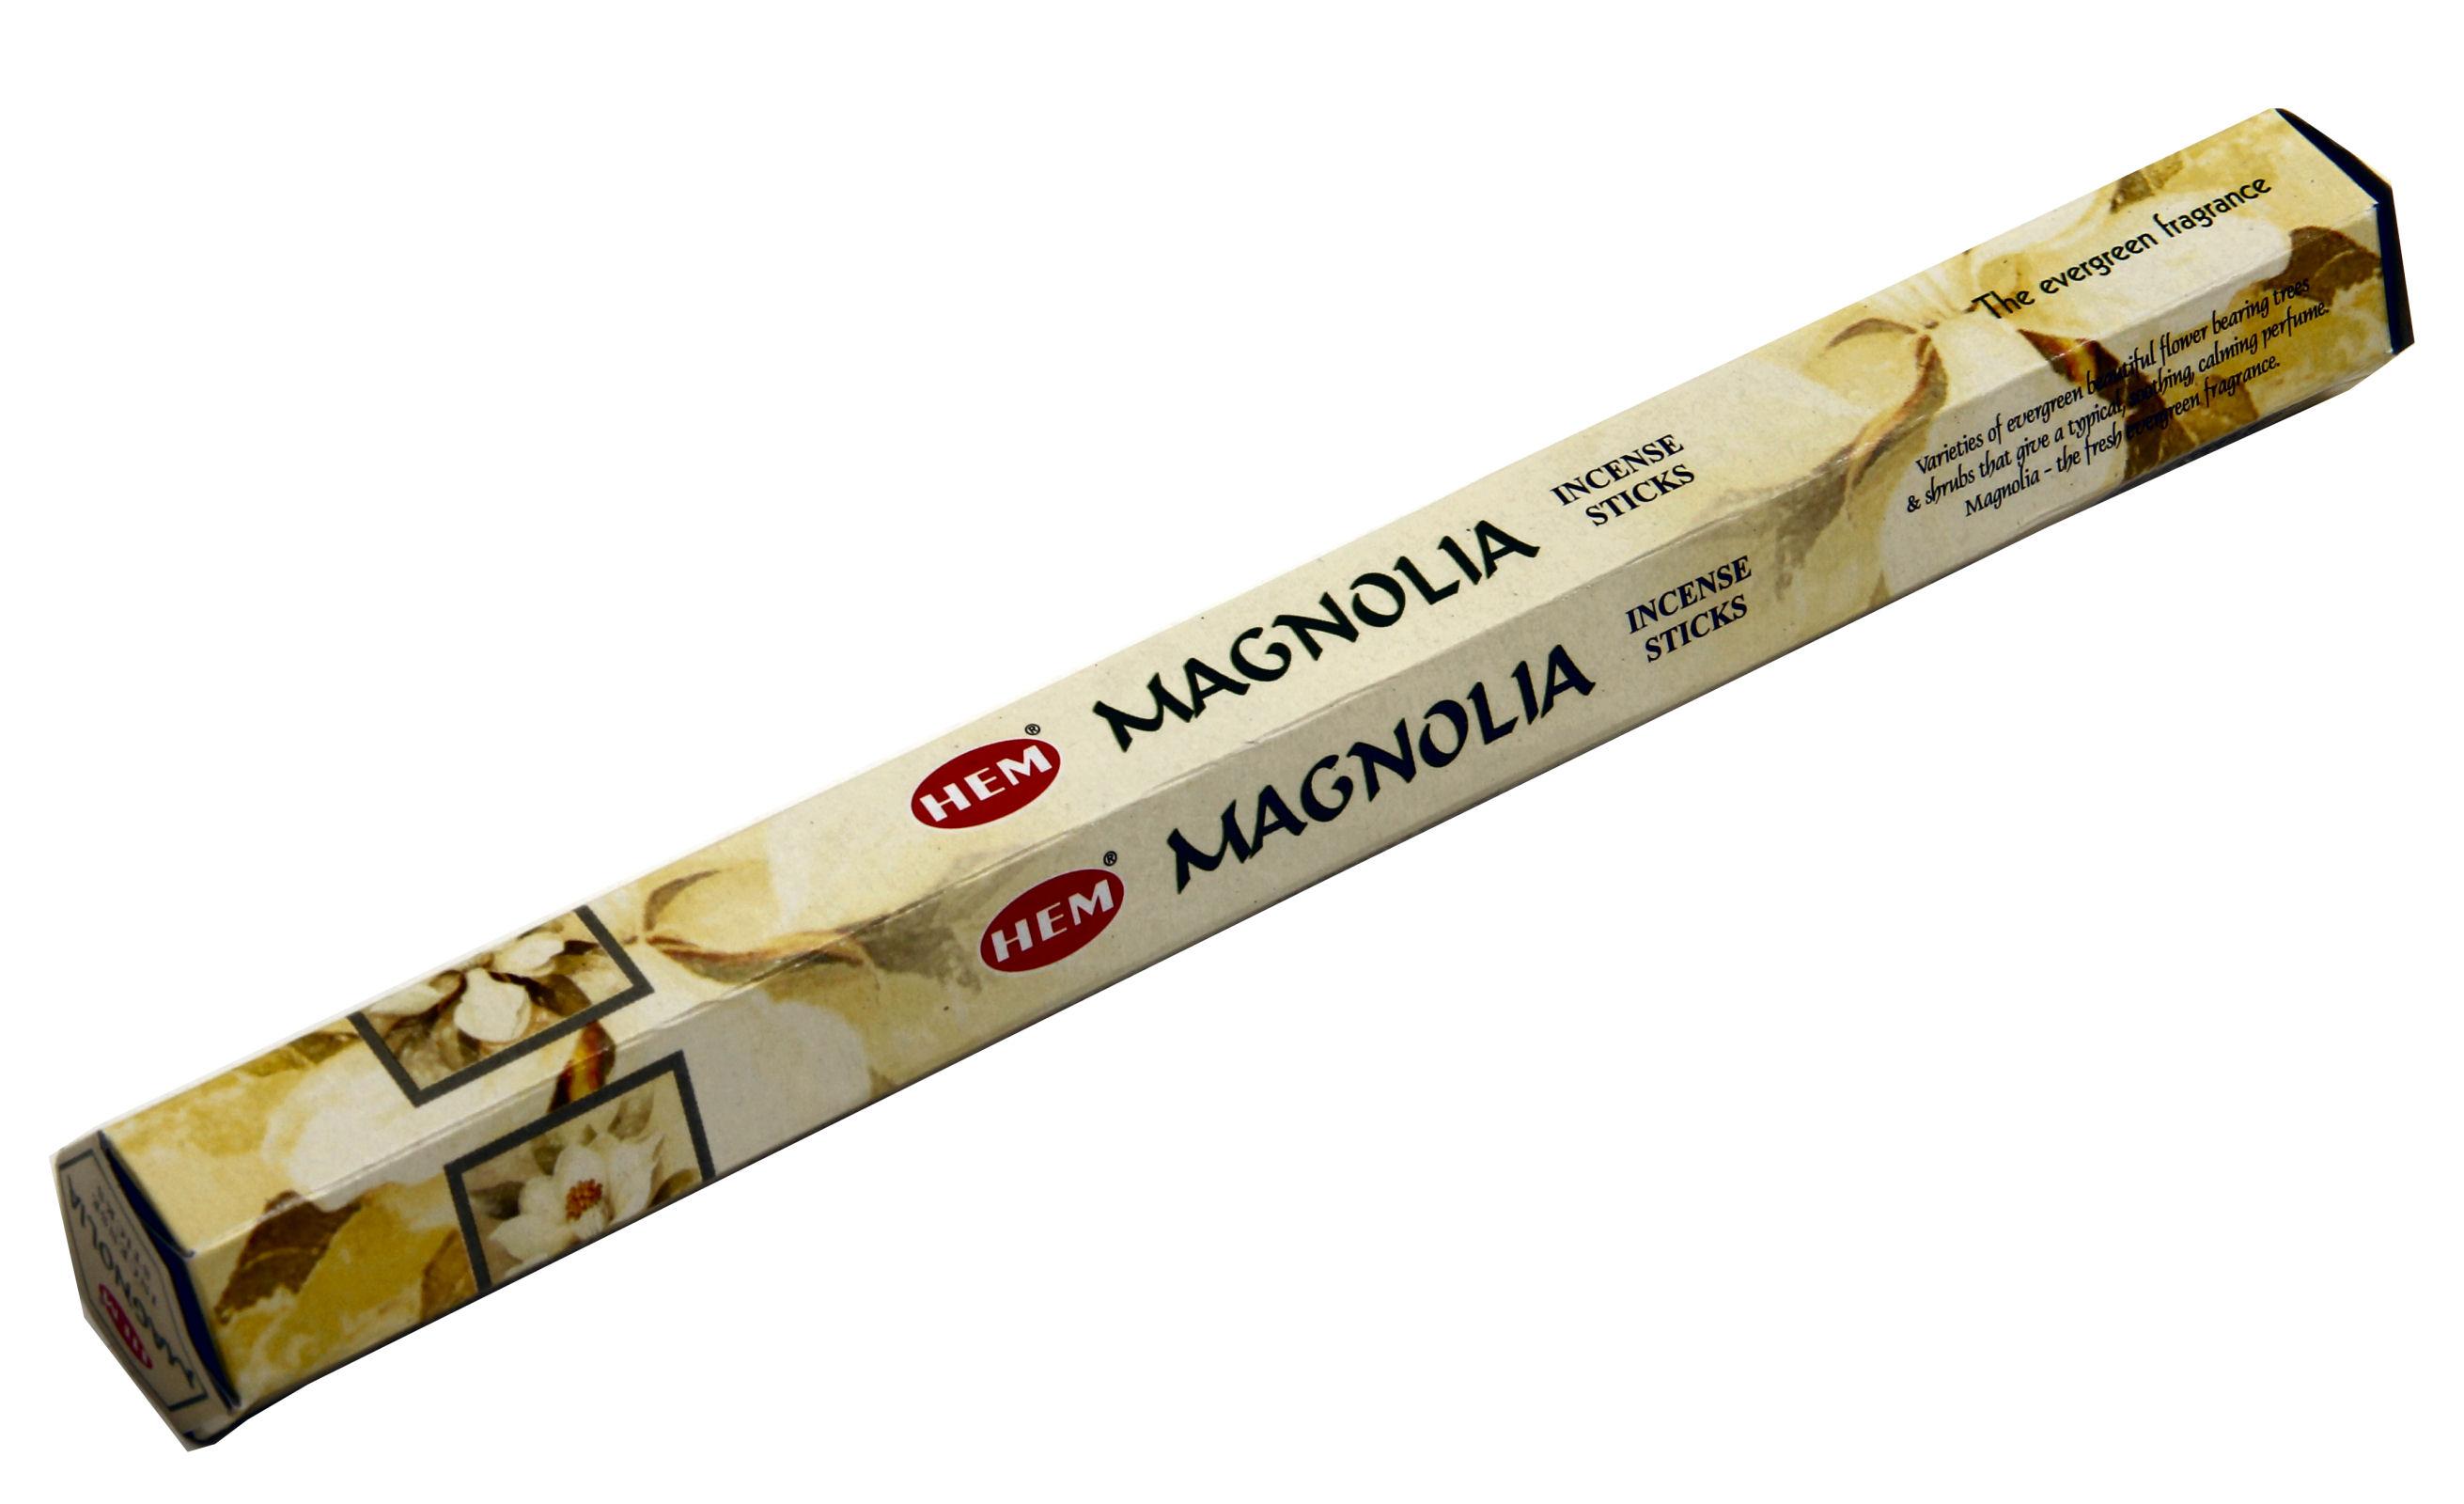 HEM Räucherstäbchen Magnolia 20g Hexa Packung  Ca. 20 Incence Sticks